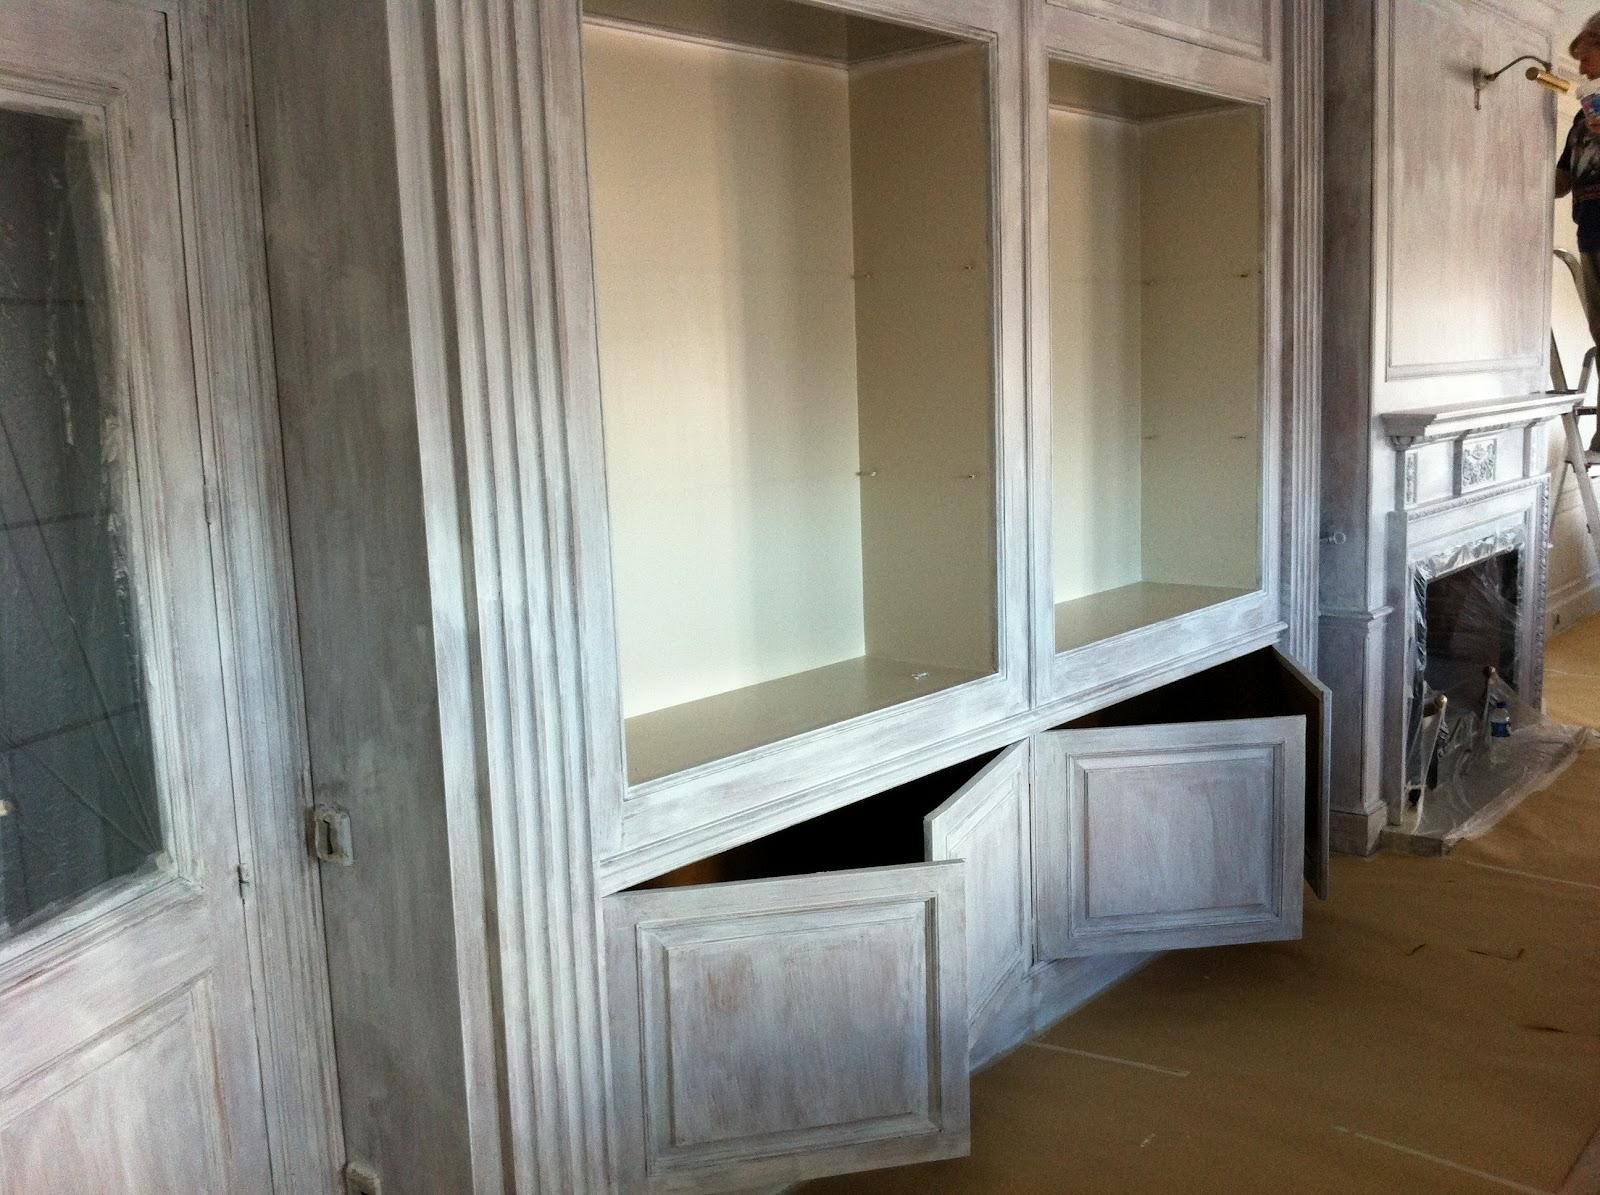 Siete vidas tiene un mueble for Pintura de muebles de madera